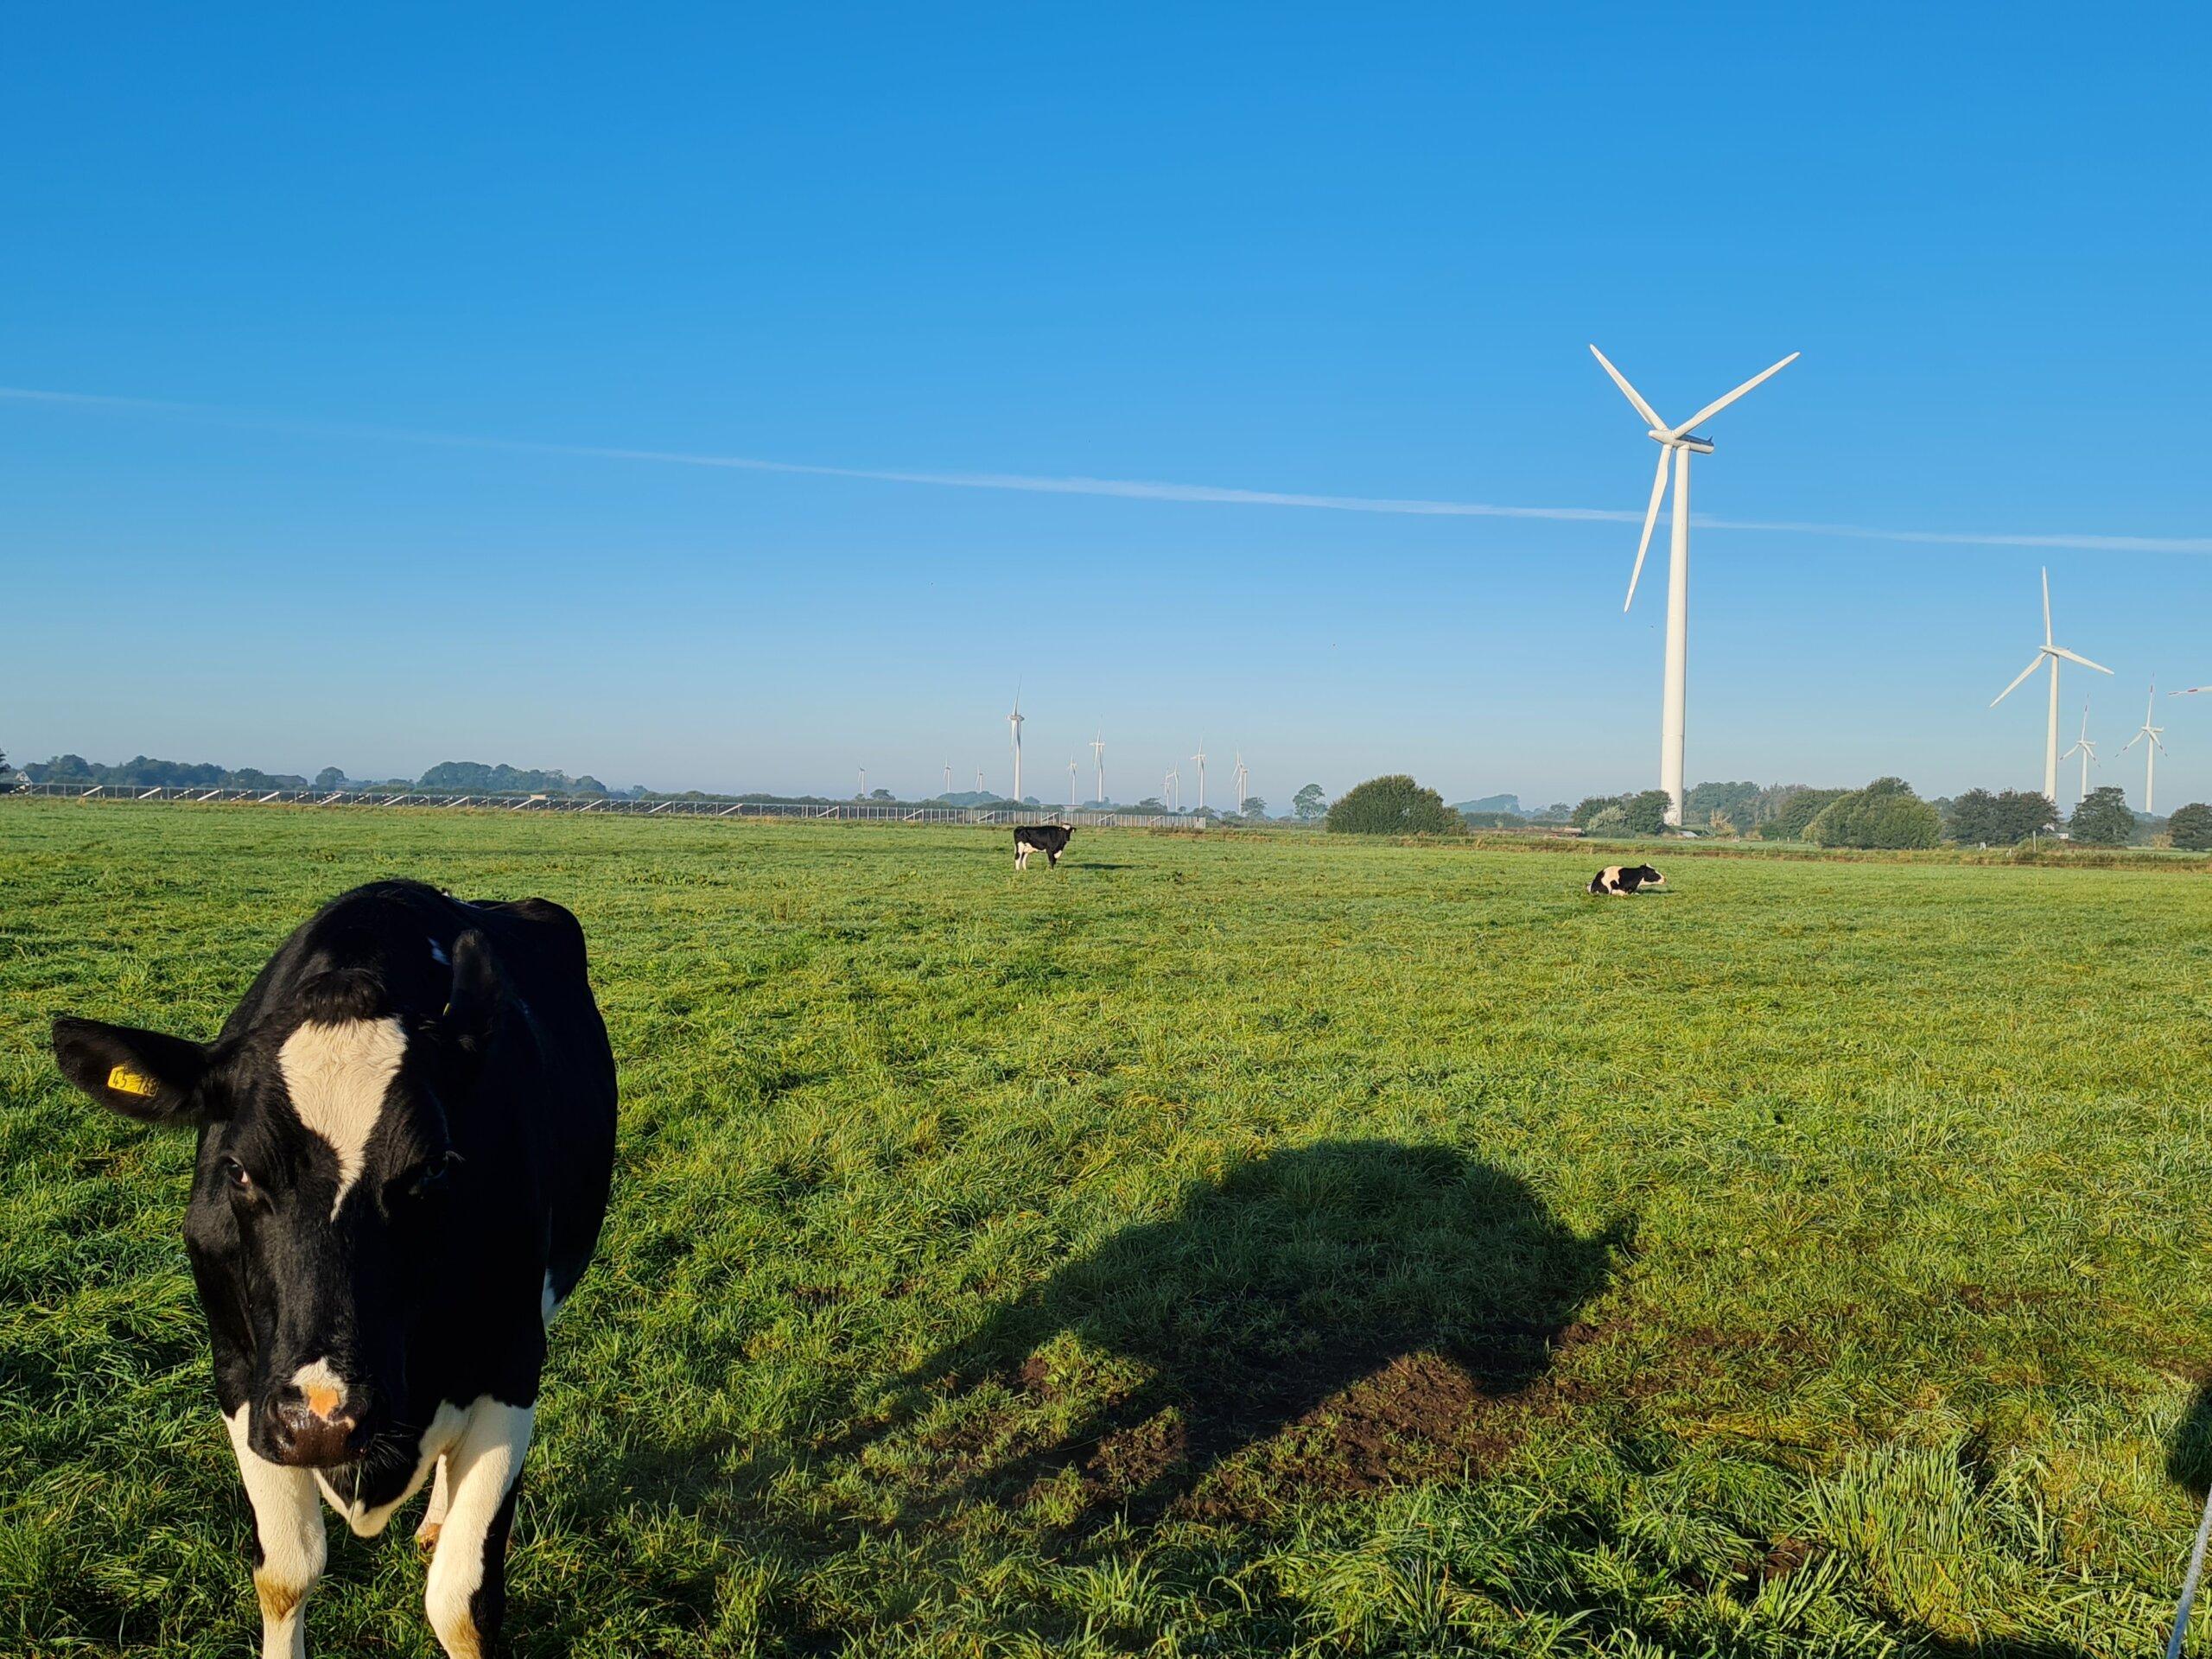 Kuh mit Windenergieanlage in Ellhoeft, Foto: Anke Ortmann